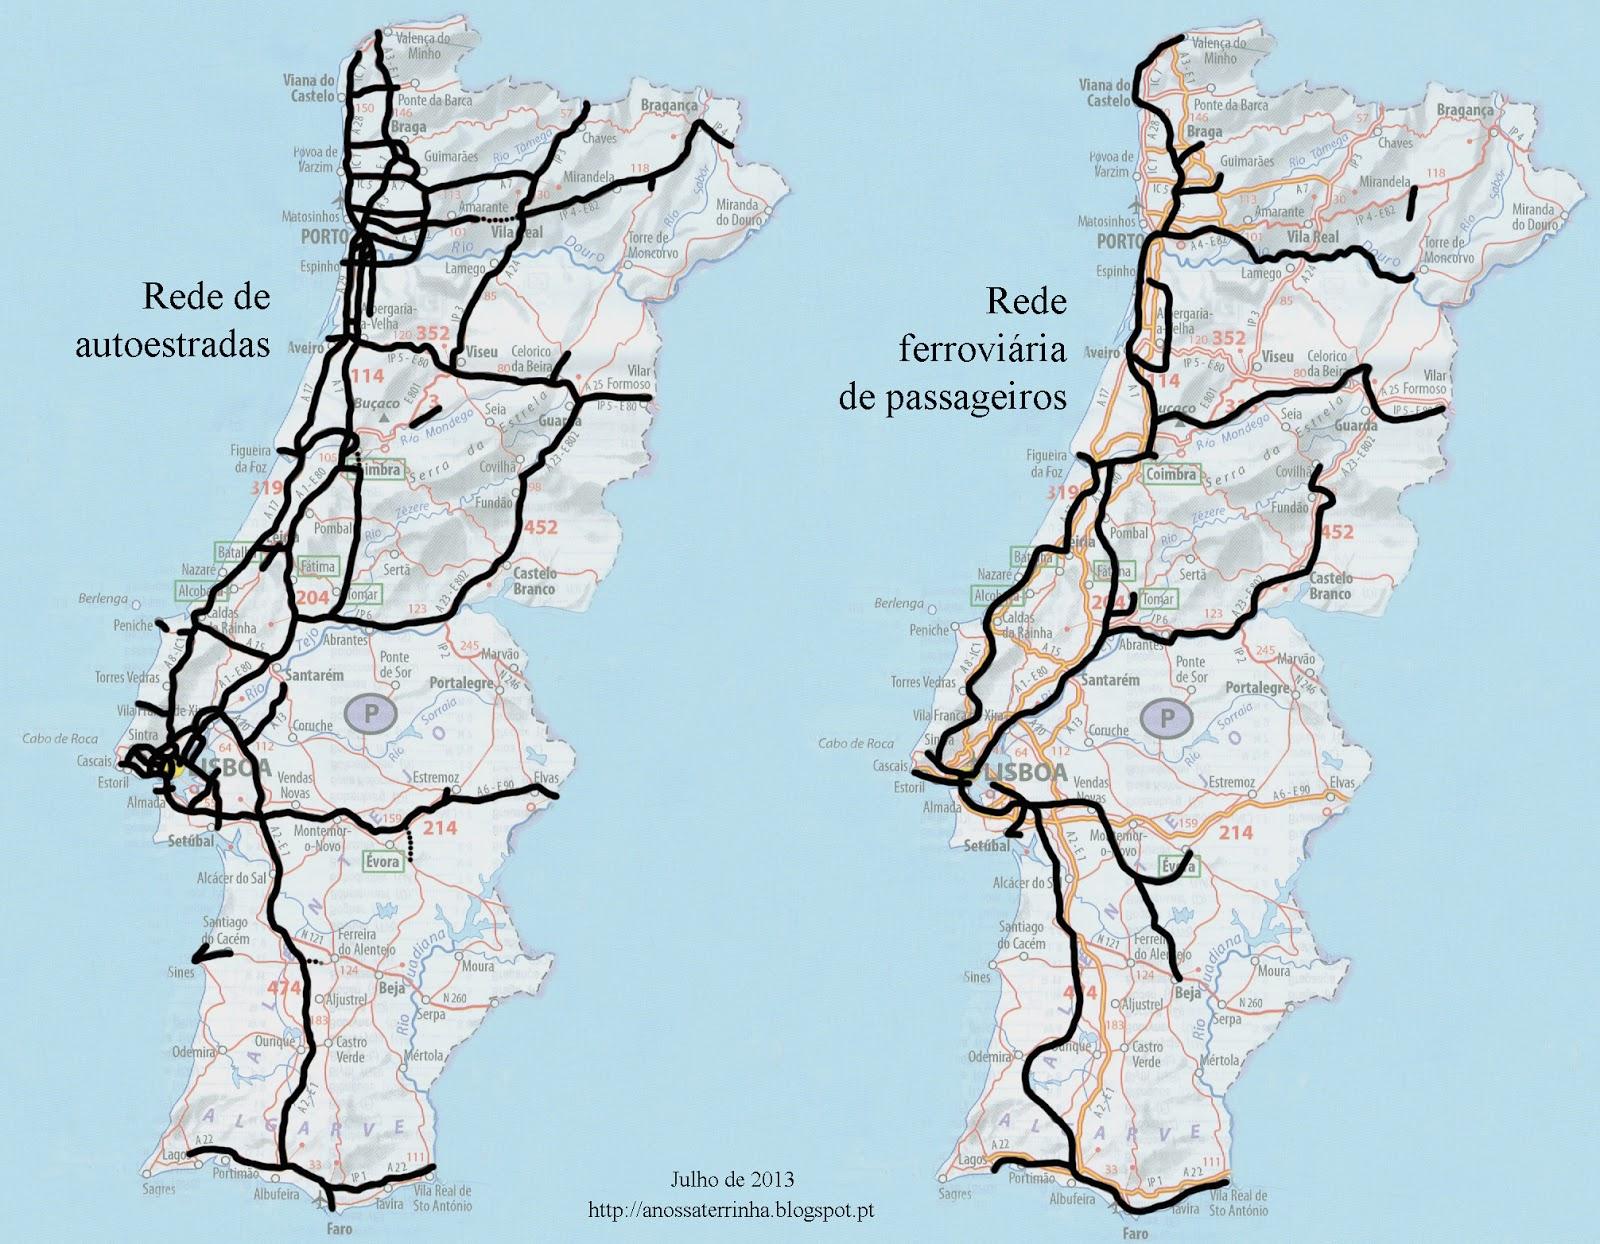 mapa de portugal autoestradas A Nossa Terrinha: Ferrovia e autoestradas (mapas) mapa de portugal autoestradas